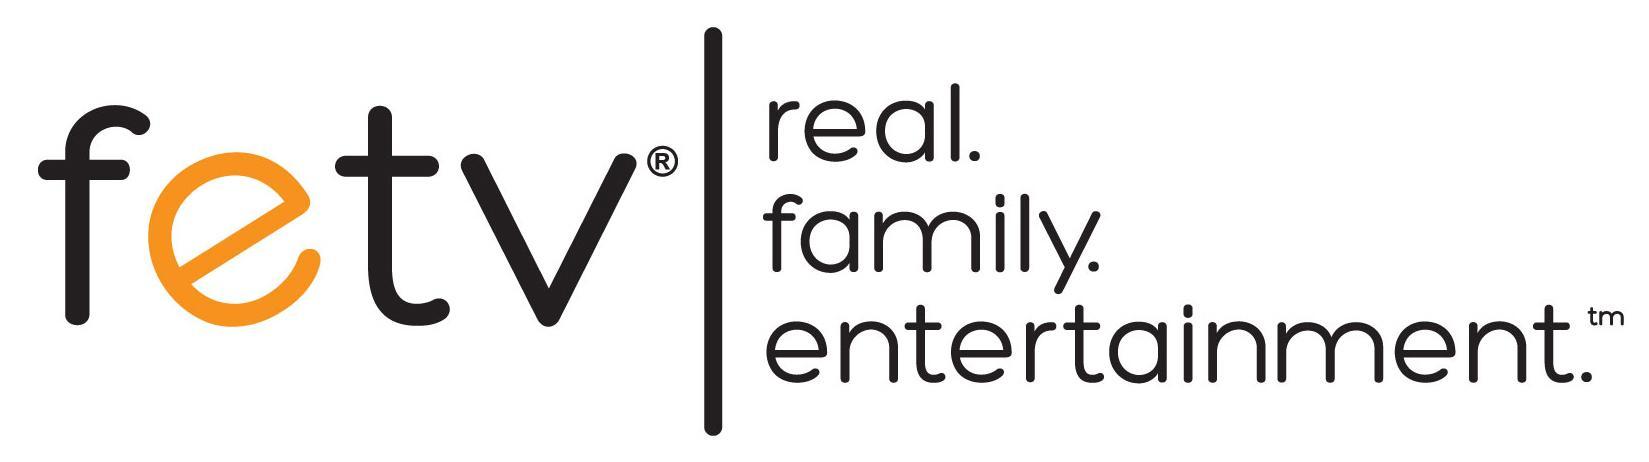 fetv-real-family-entertainment-black-rtm (002)